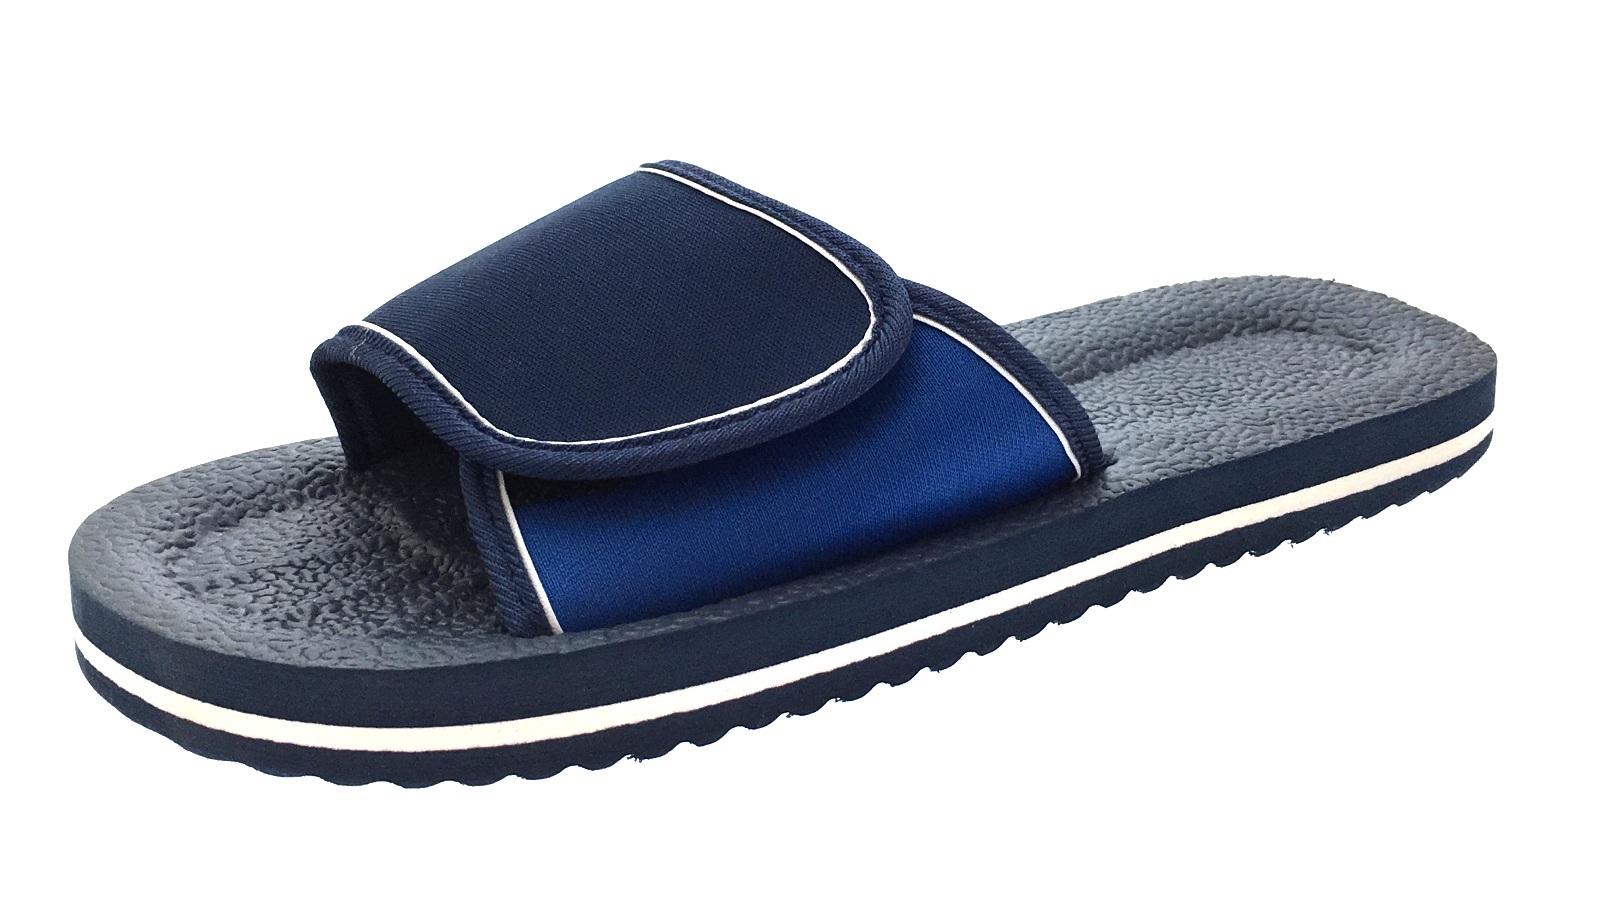 e85cba7aaa6a Mens Lightweight Sandals Adjustable Beach Flip Flops Summer Shoes ...